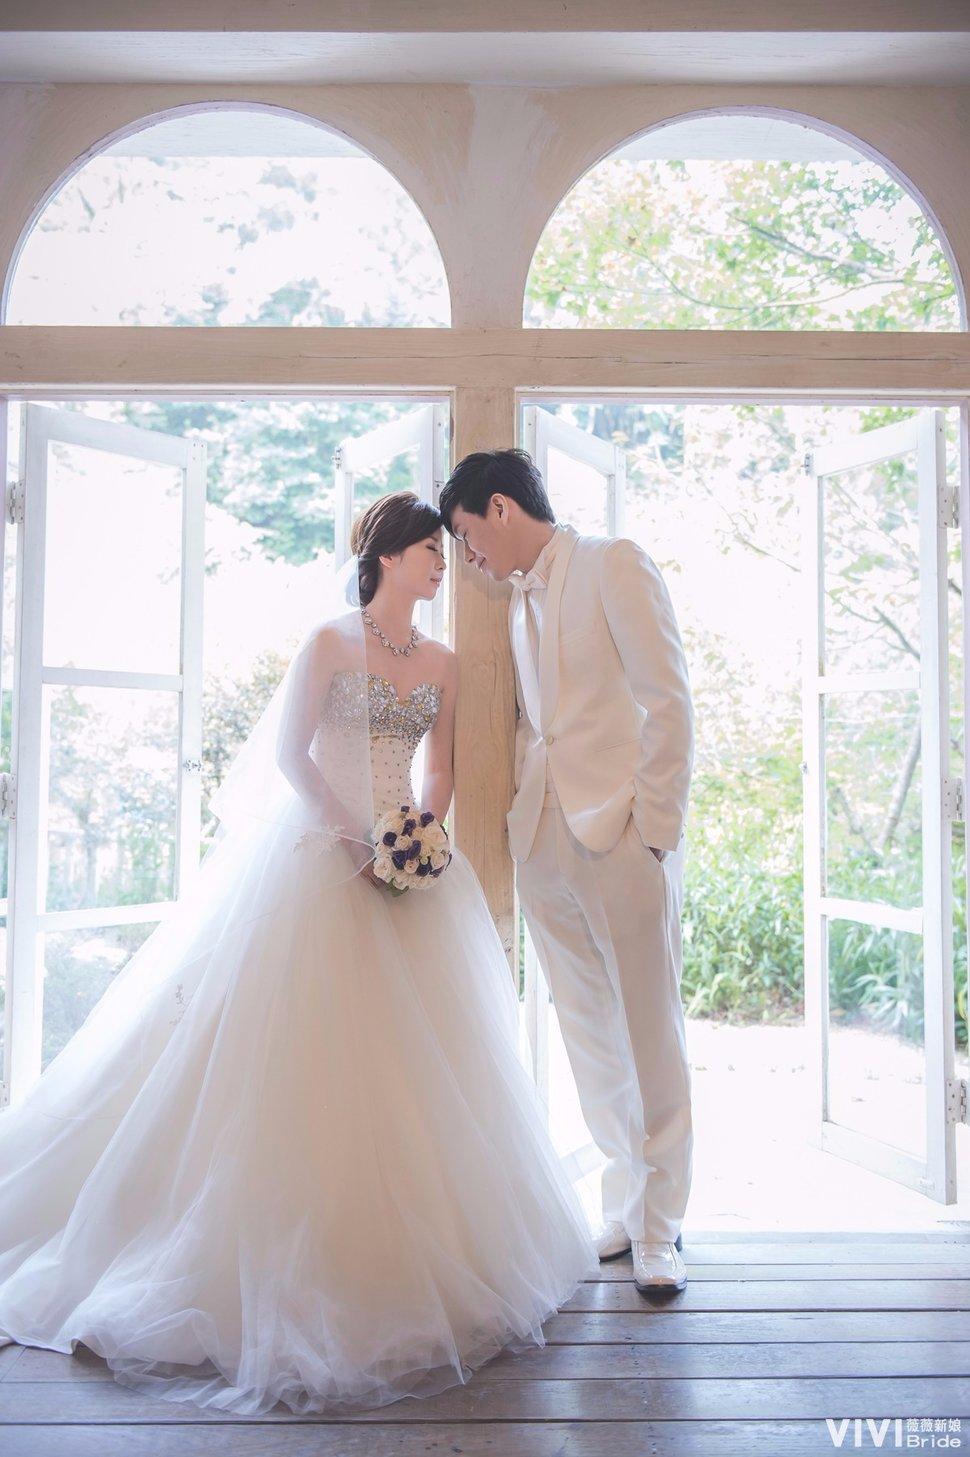 郭舒惠-薇薇新人婚紗照(台灣) - VIVI Bride 薇薇新娘 婚紗攝影《結婚吧》